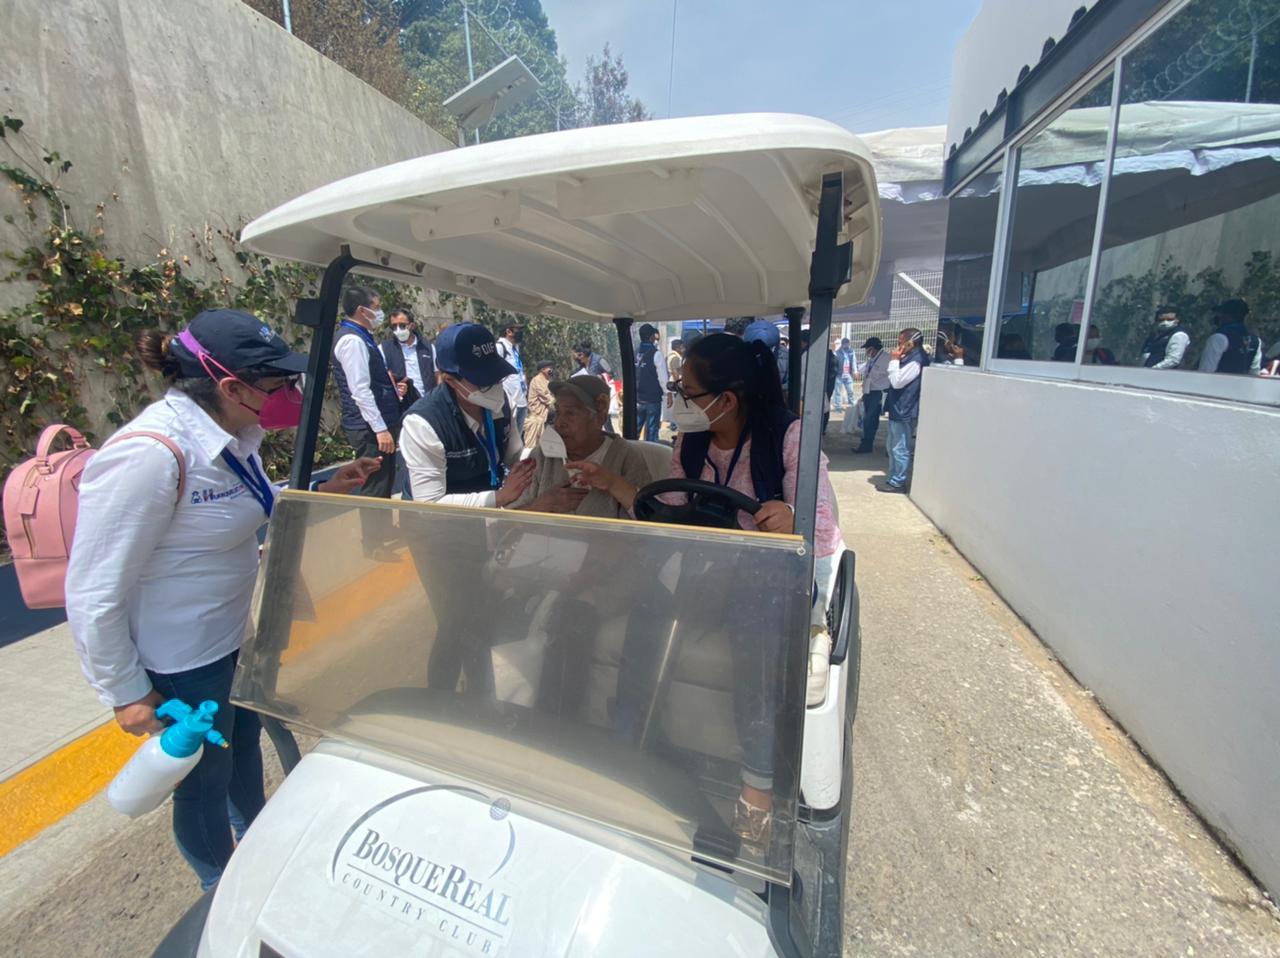 En transporte público trasladan a adultos mayores a vacunación en Huixquilucan - Mar 29, 2021